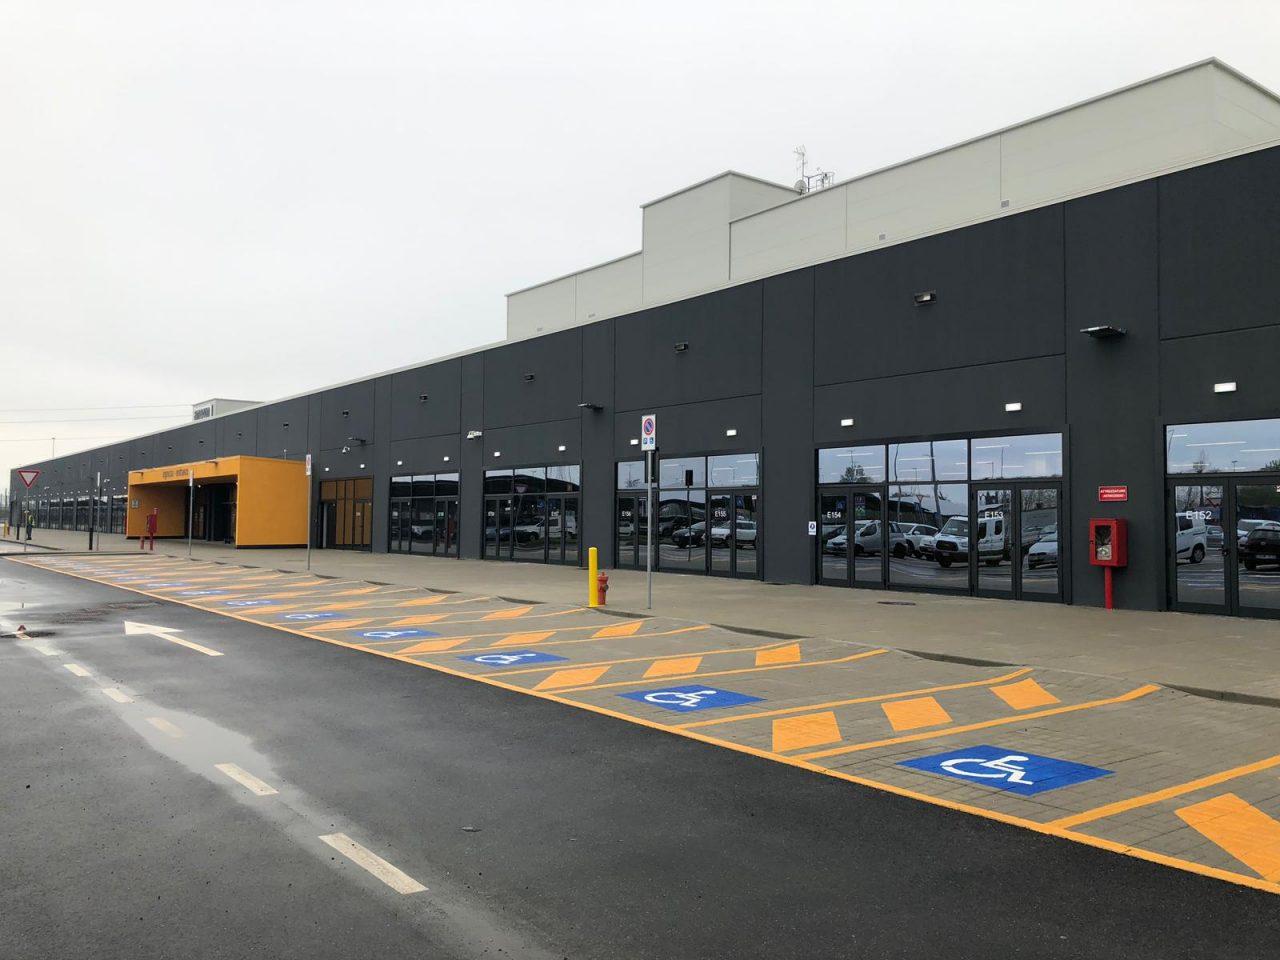 Inaugurato il nuovo polo logistico Amazon a Torrazza. Nella mattinata di oggi, giovedì 11 aprile 2019, è stato illustrato lo stato avanzamento dei lavori nel centro di distribuzione.